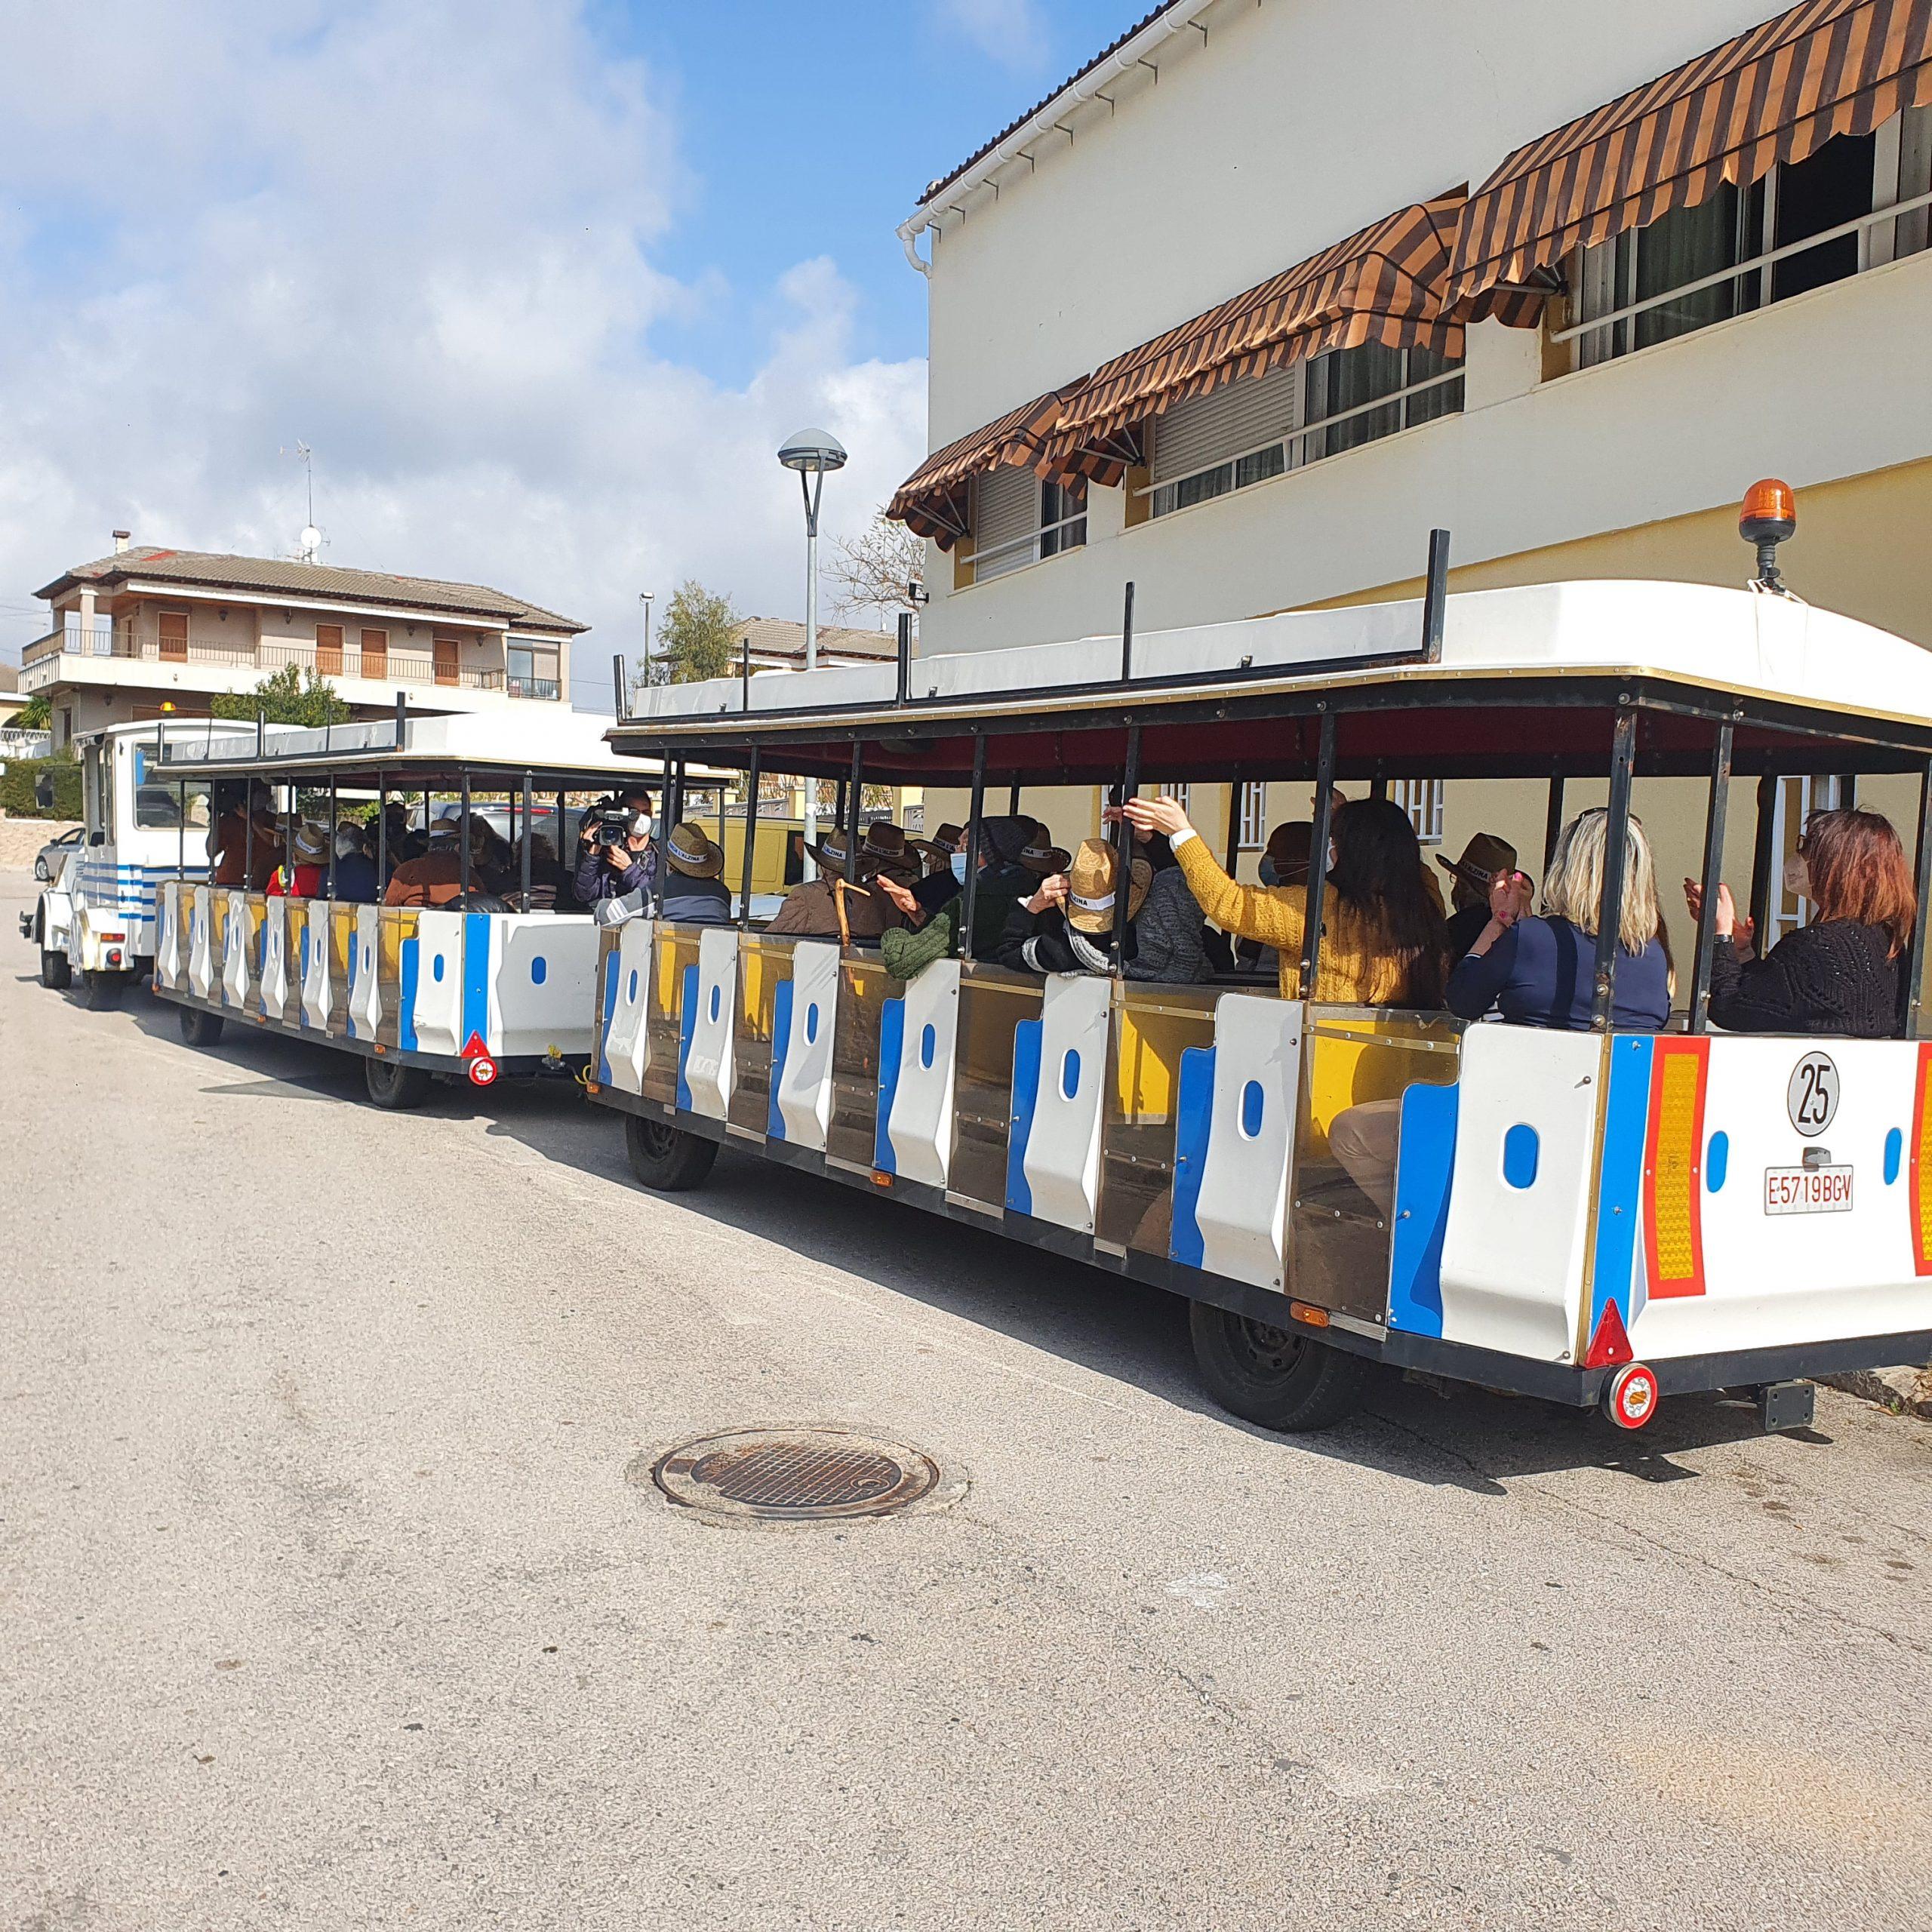 La Residència l'Alzina de Cunit organitza una sortida en trenet després d'un any sense sortir